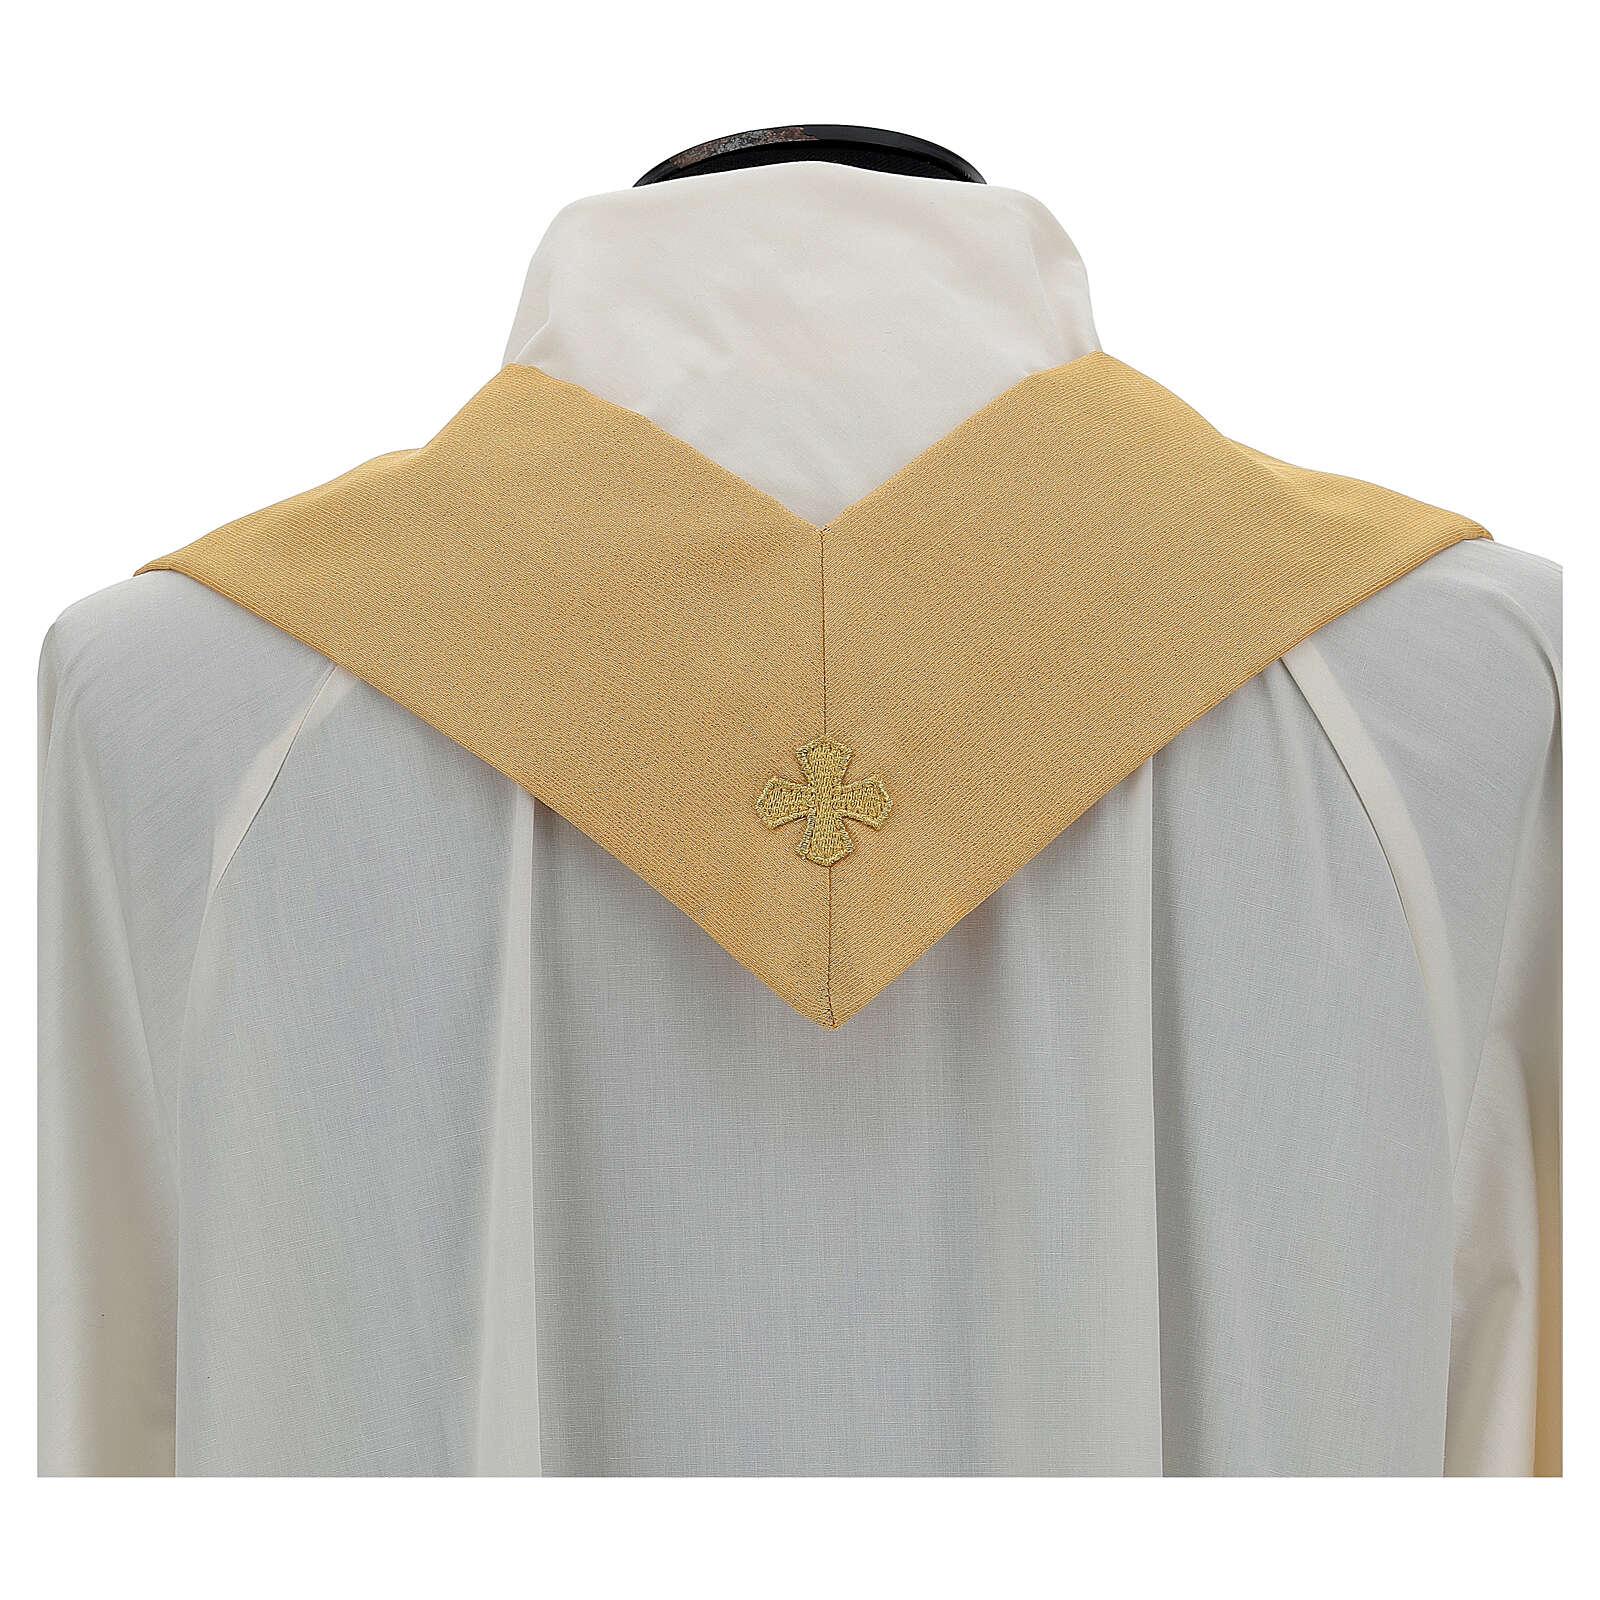 Casulla oro lamé de poliéster y lana con entorchado parte anterior y posterior 4